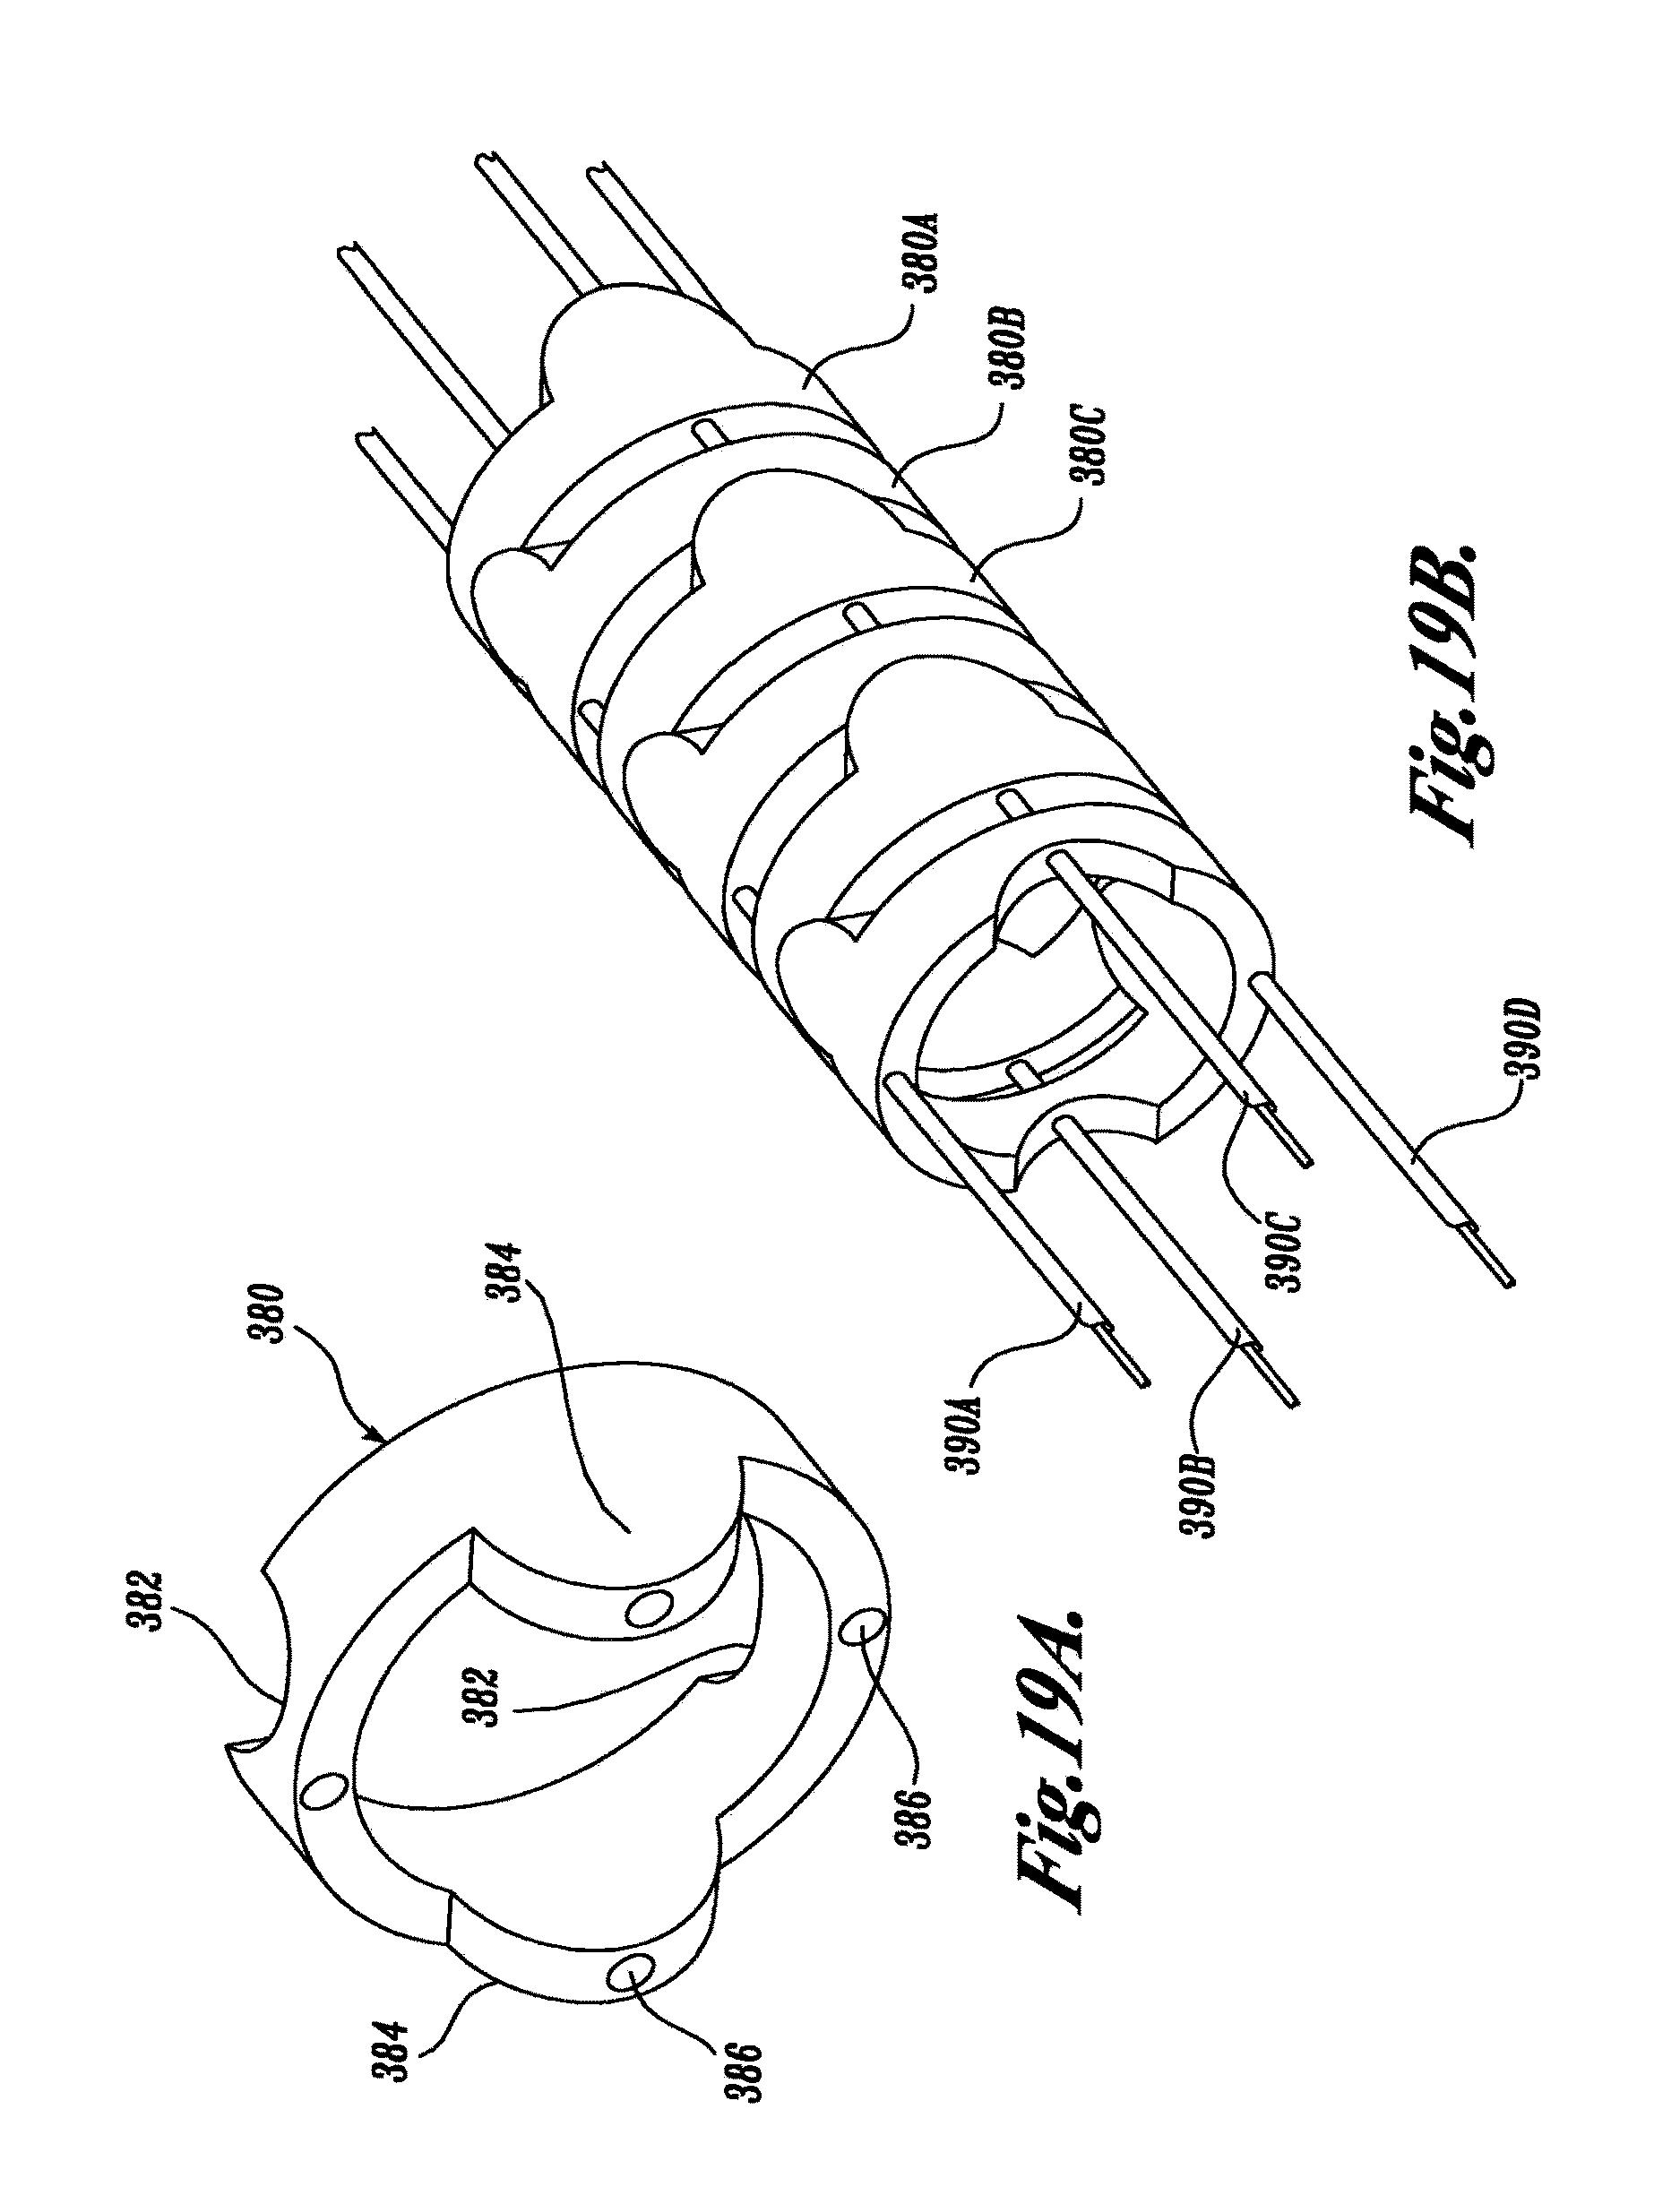 saab 92 wiring diagram database Saab 900 Engine saab 92 wiring diagram database 92 saab 900 turbo patent us 9 913 573 b2 saab